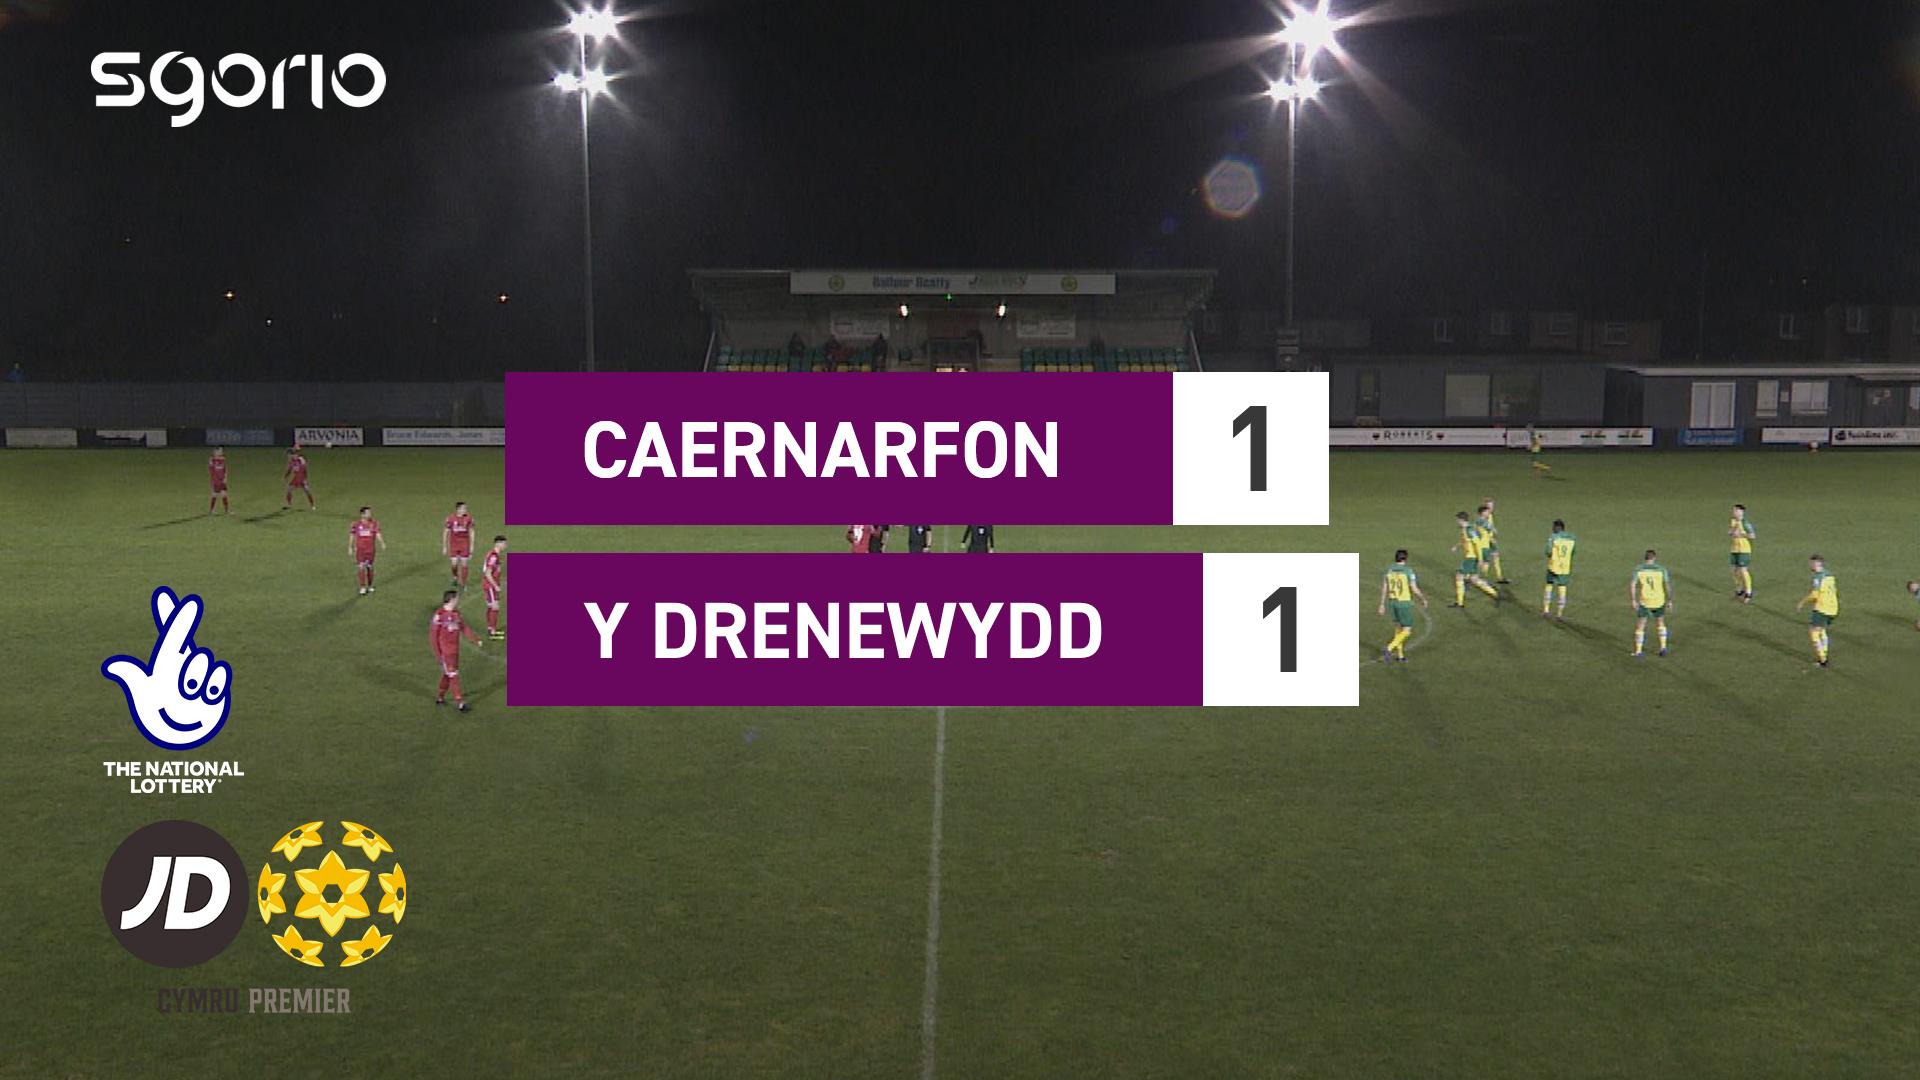 Caernarfon 1-1 Y Drenewydd